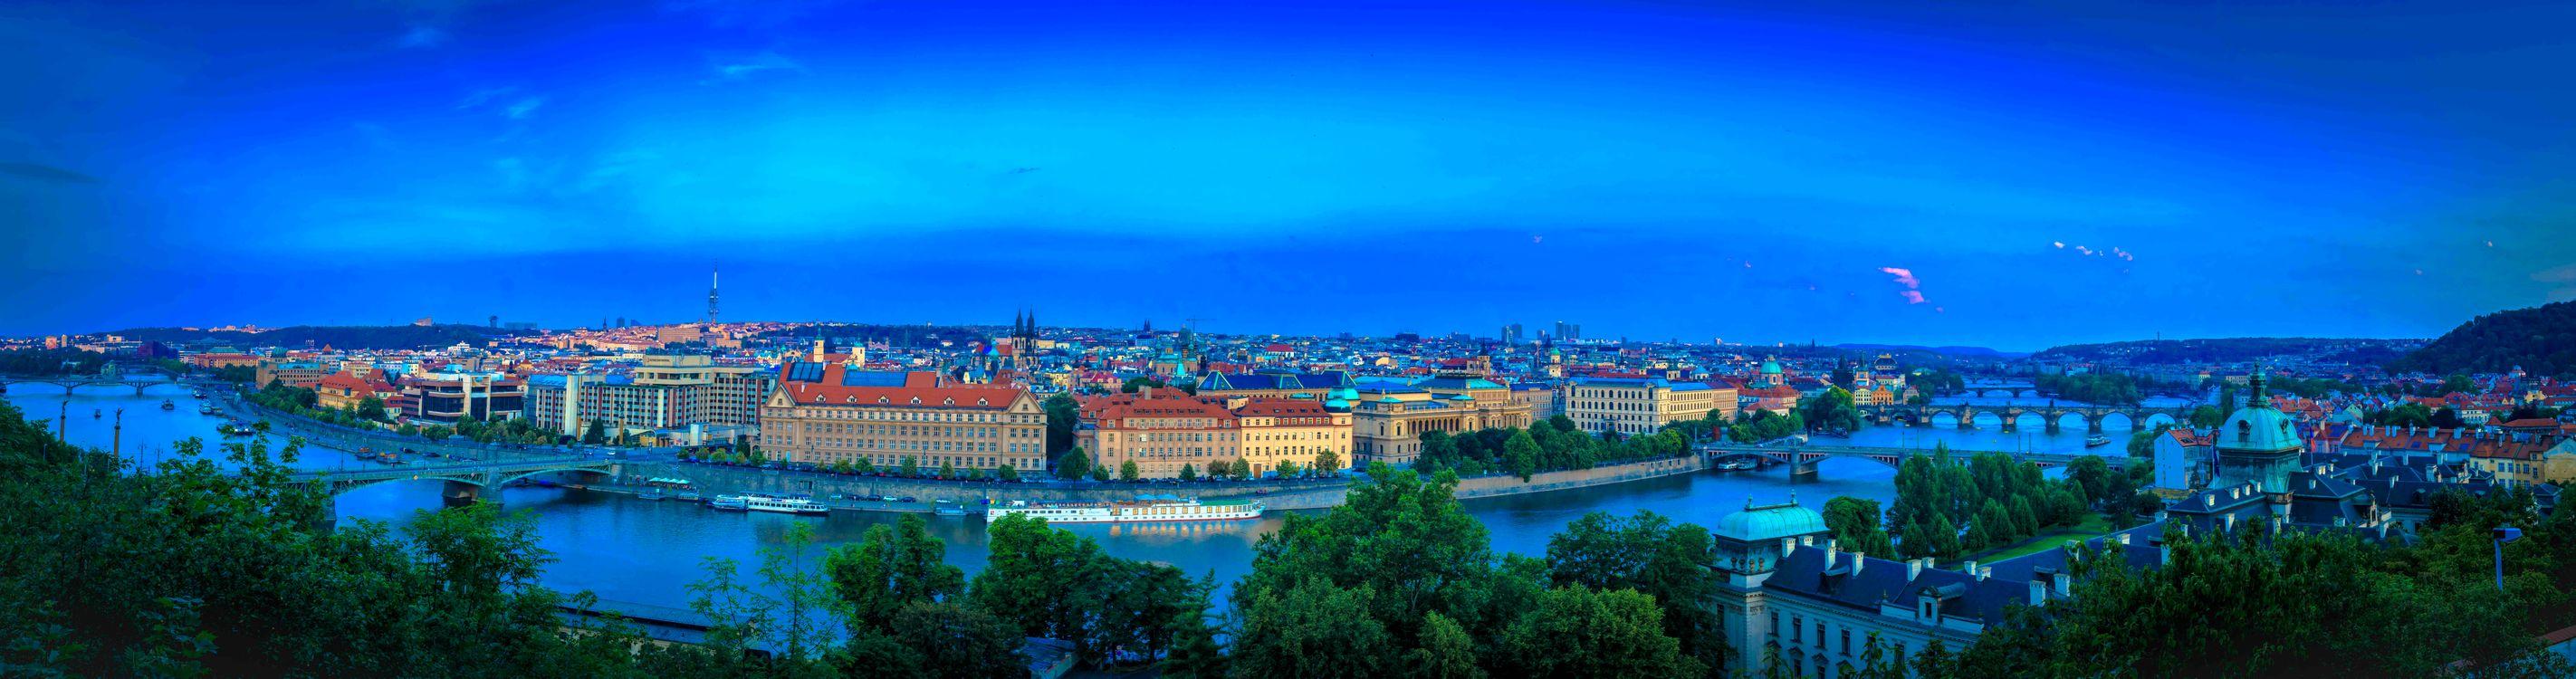 Фото бесплатно Карлов мост, Чехия, панорама - на рабочий стол